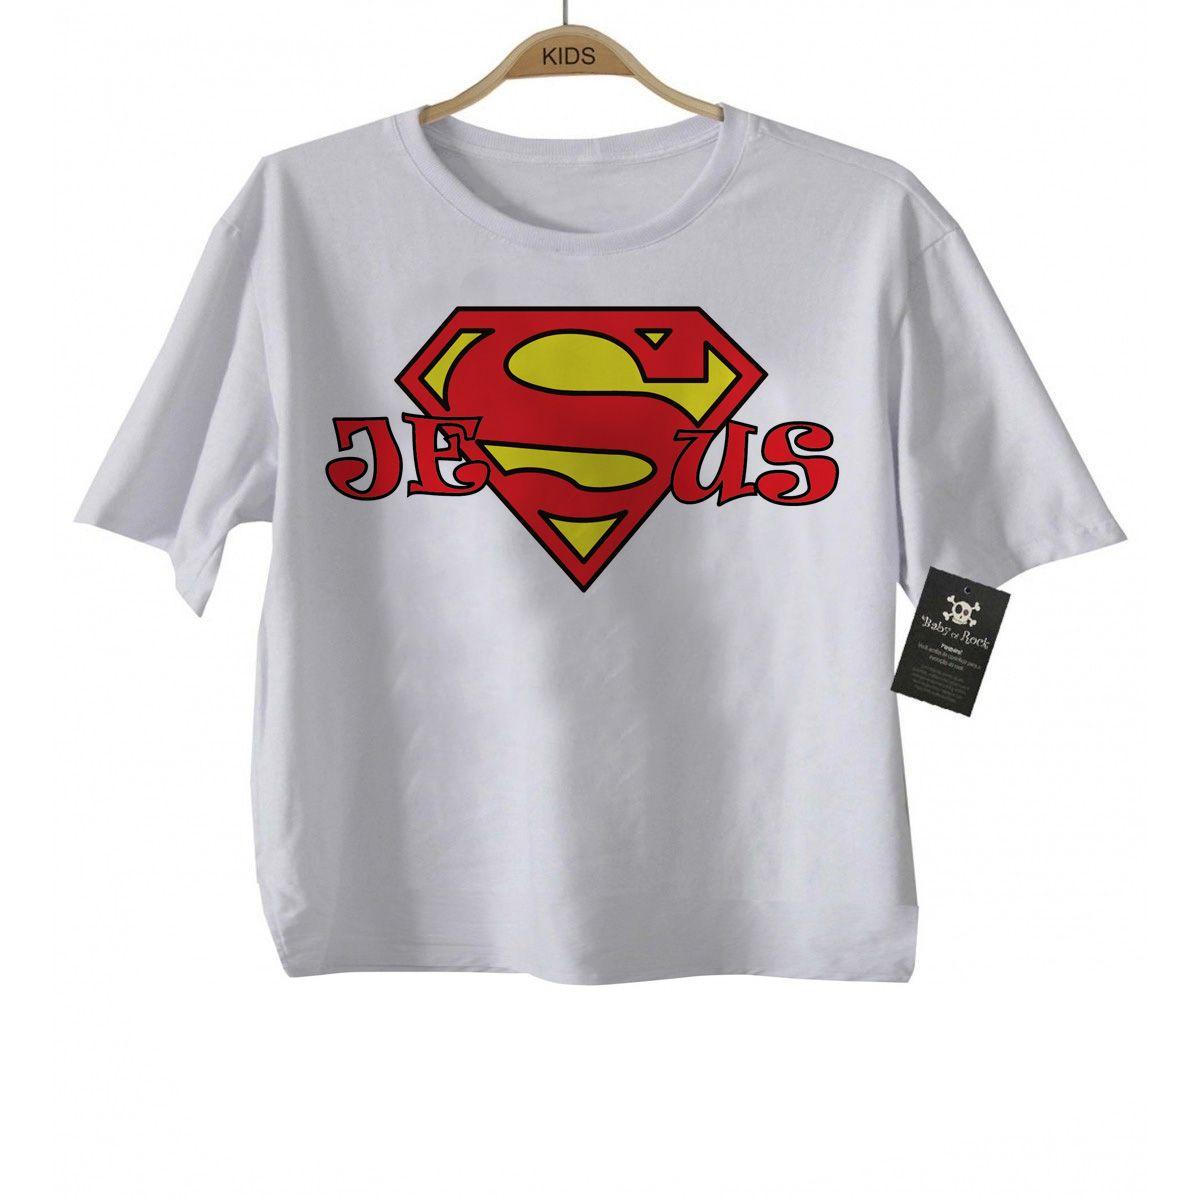 Camiseta Infantil  Cristã Super Jesus  - White -  - Baby Monster - Body Bebe